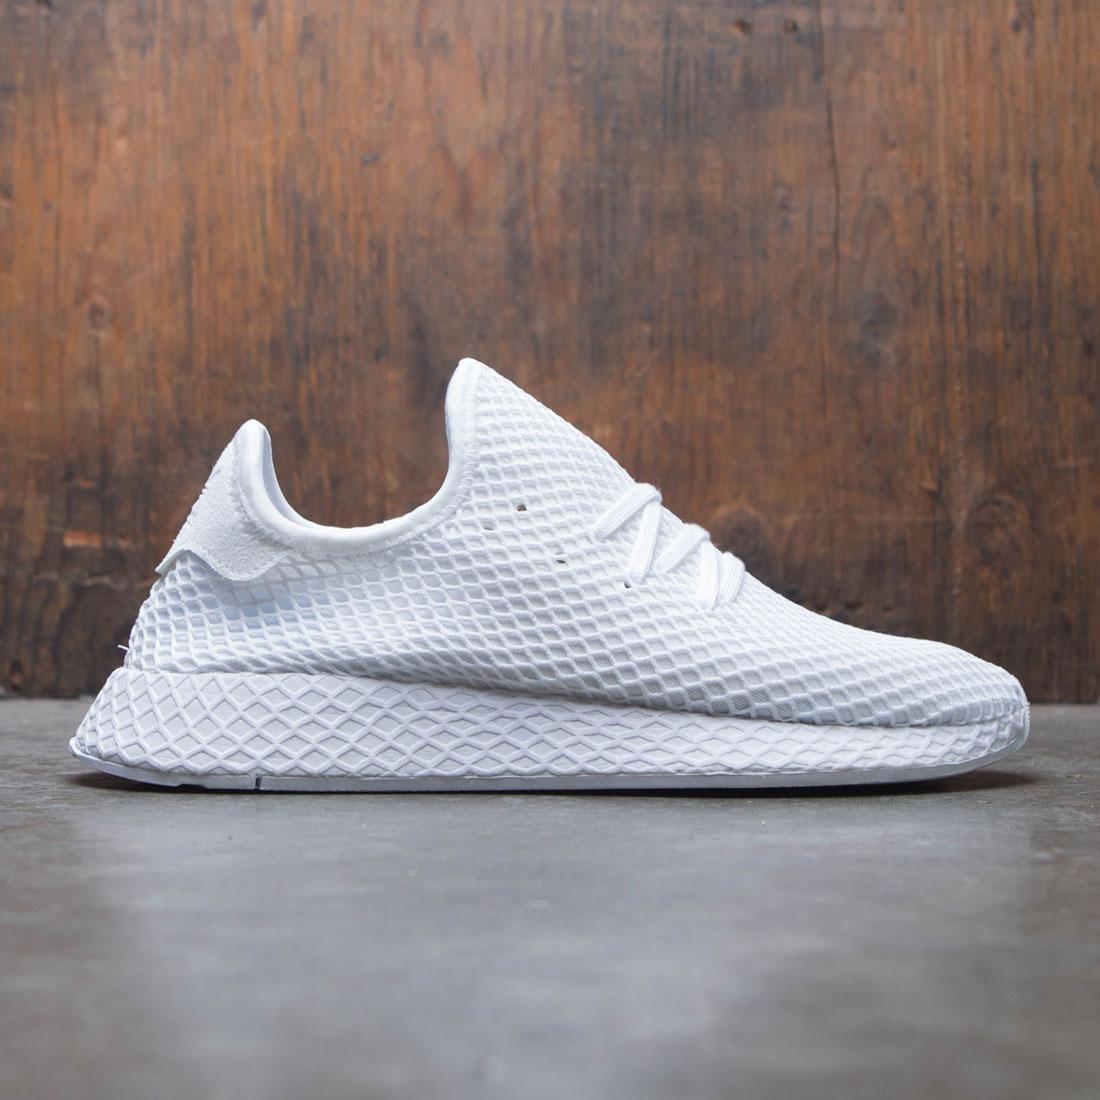 【海外限定】アディダス スニーカー メンズ靴 【 ADIDAS MEN DEERUPT RUNNER WHITE FOOTWEAR 】